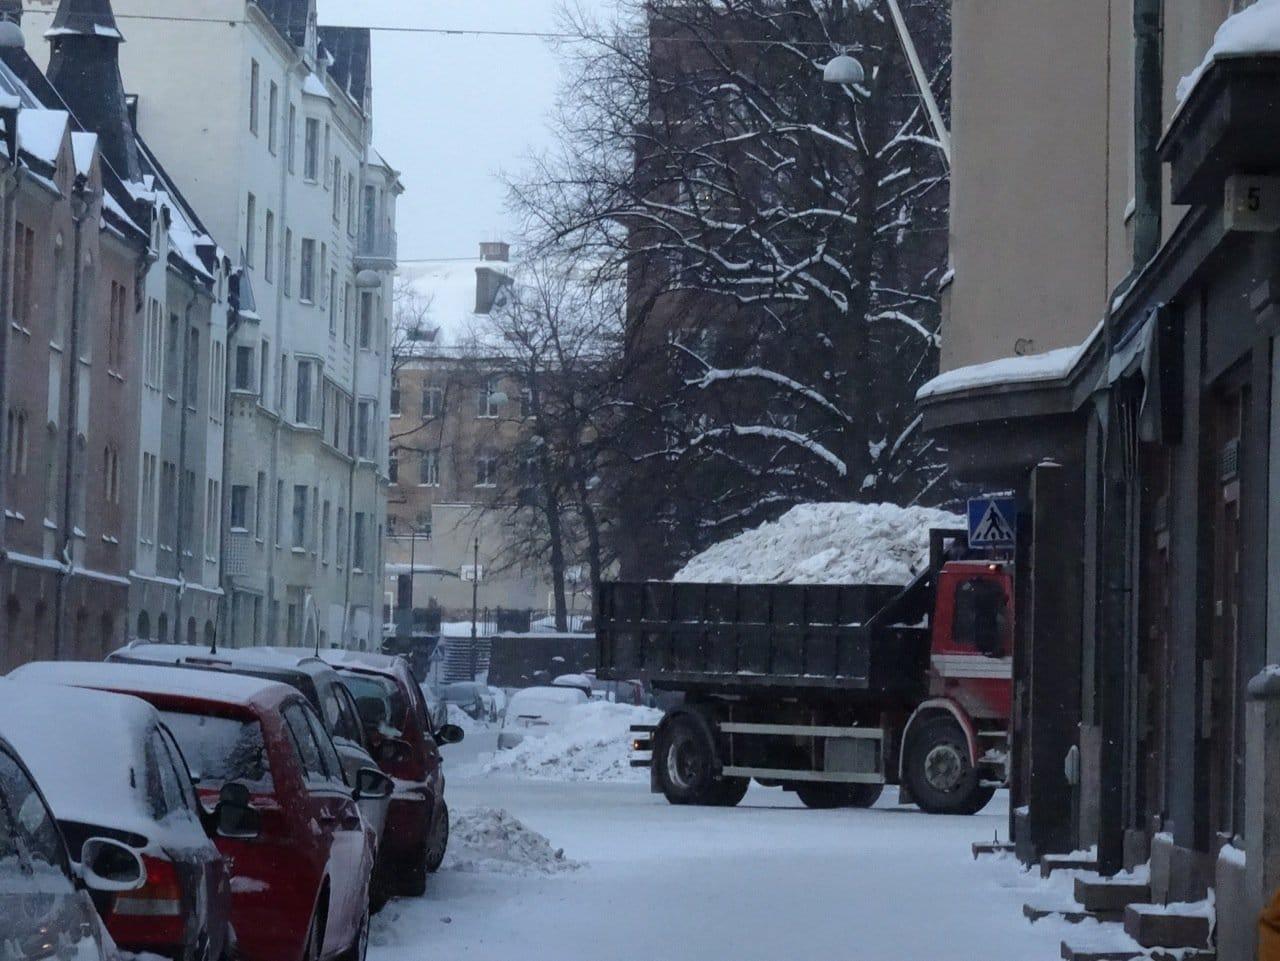 Winter in Helsinki - LKW bringt Schnee aus der Stadt ©Tarja Prüss | Reiseblog Finnland